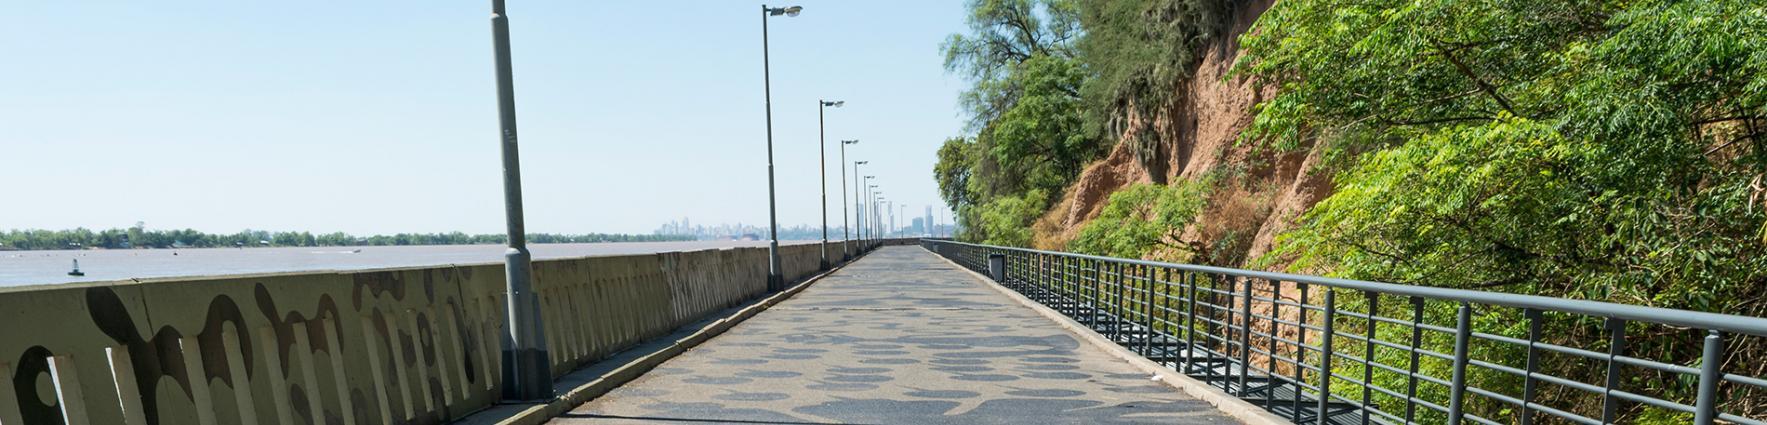 Paseo del Caminante